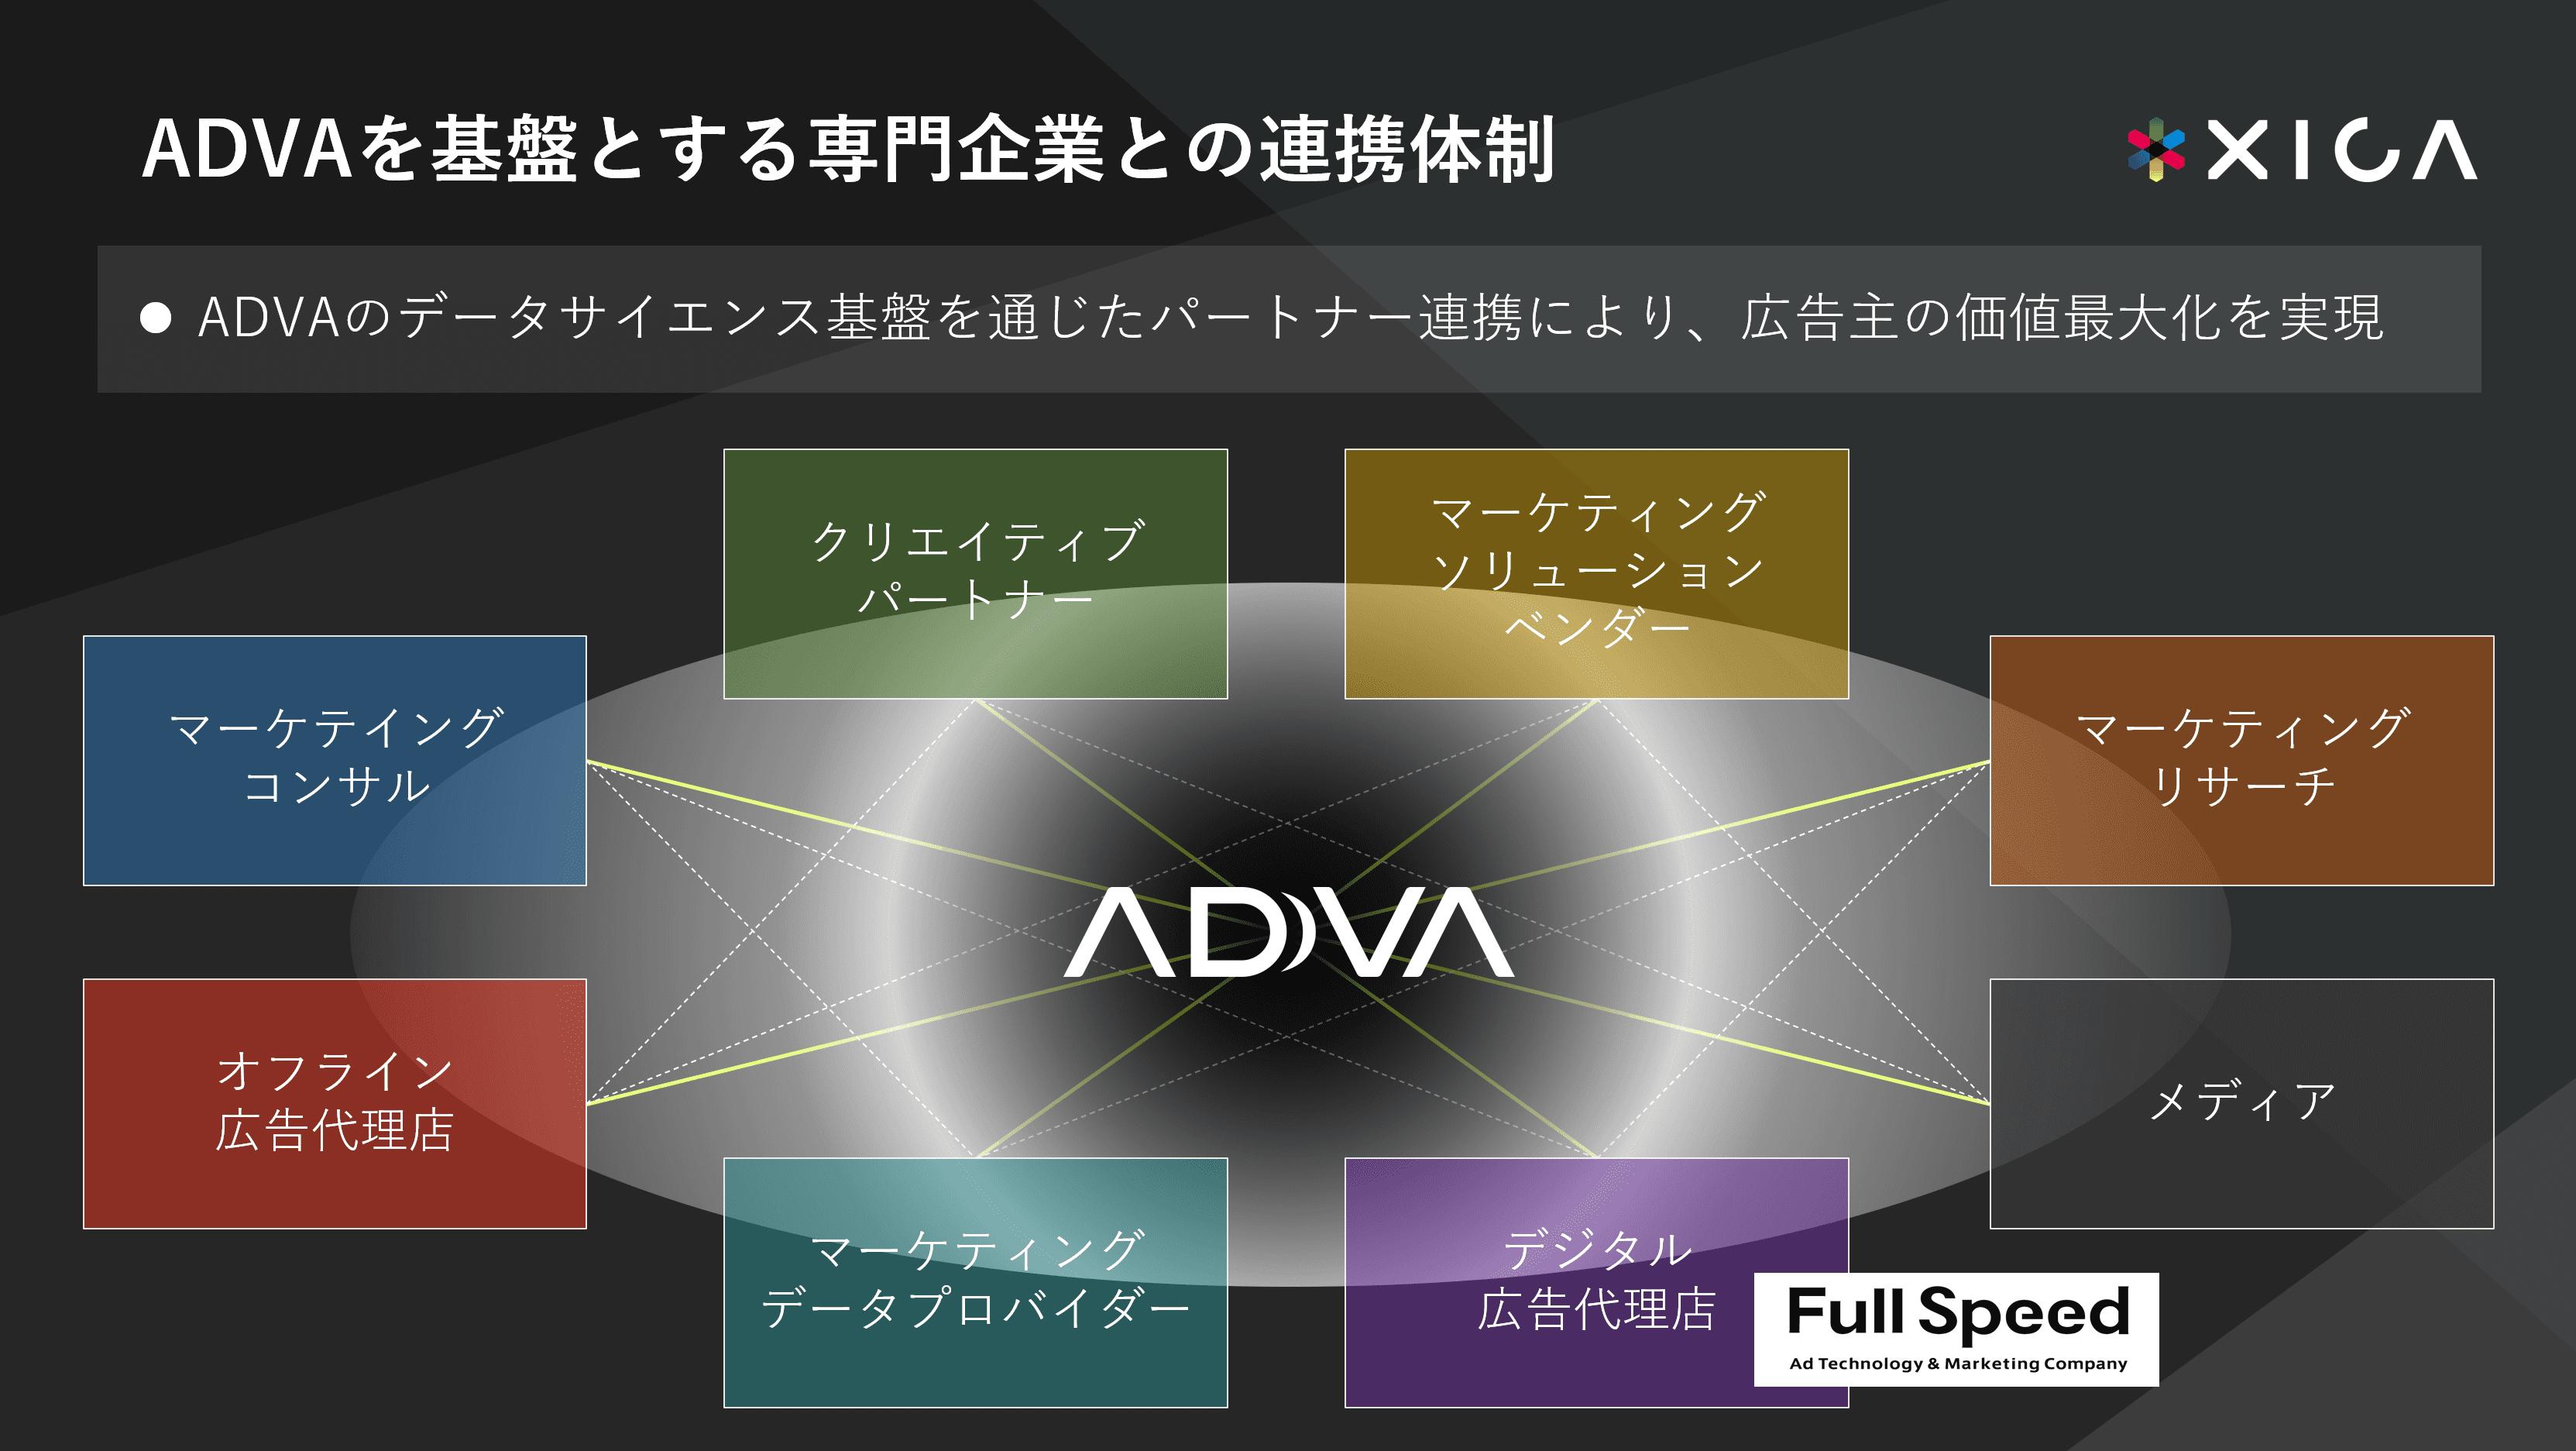 ADVAを基盤とする企業連携体制